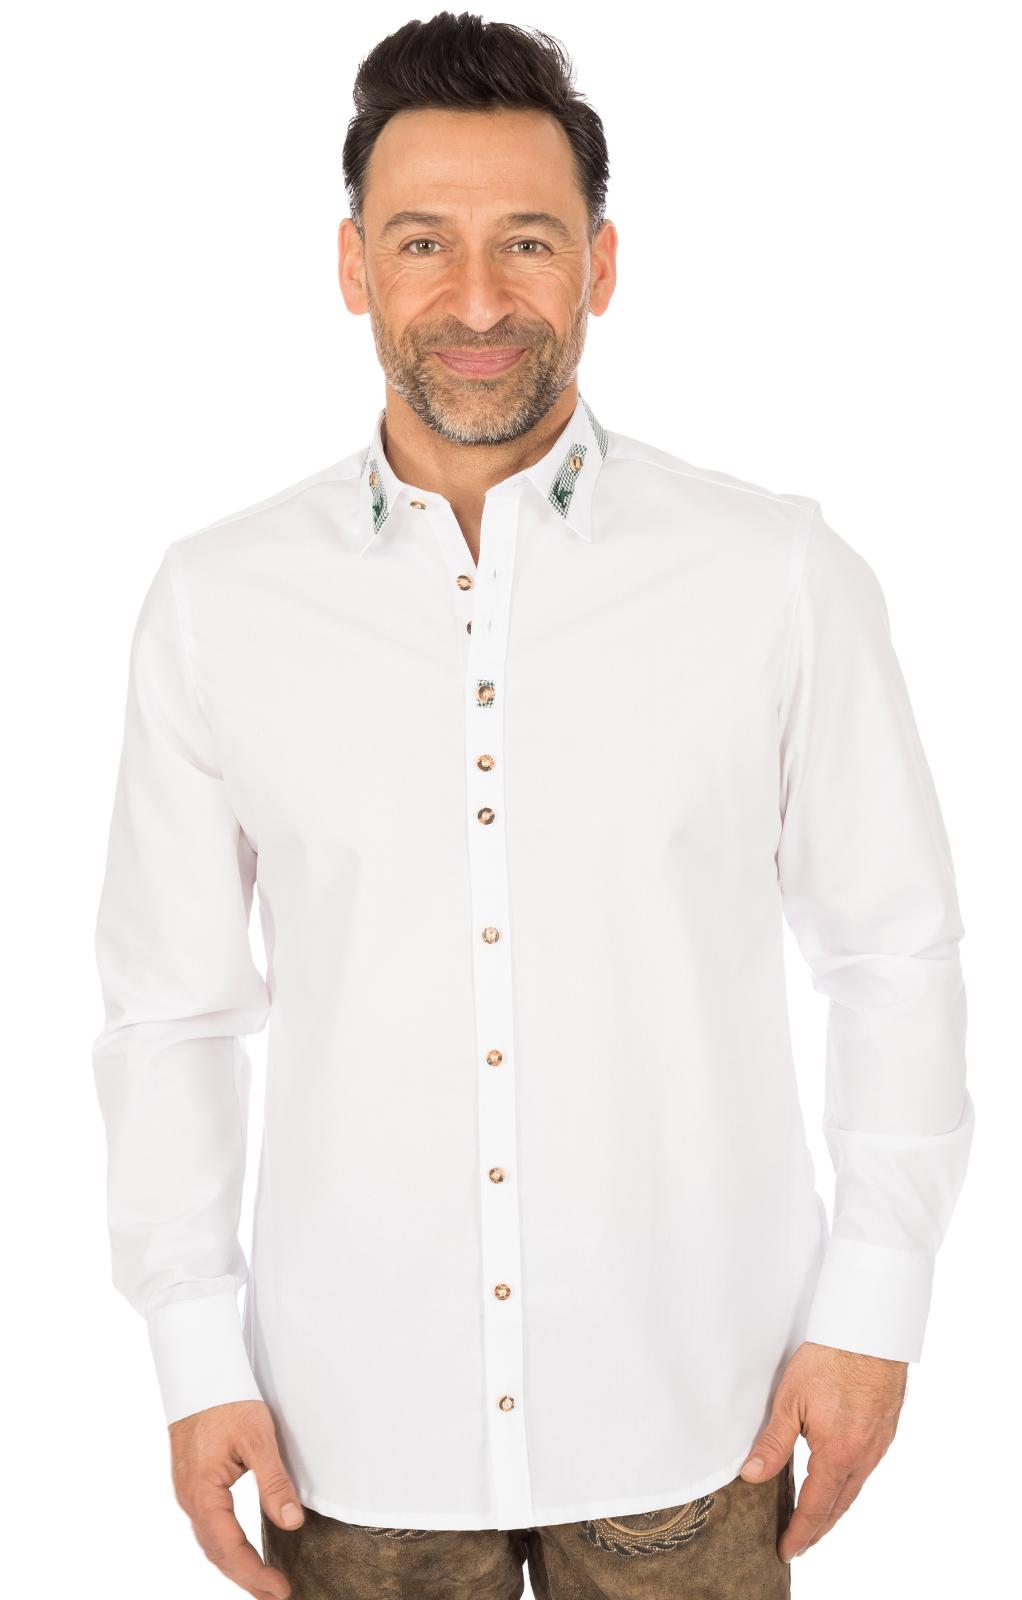 Trachtenhemd CLASSICO weiss von OS-Trachten